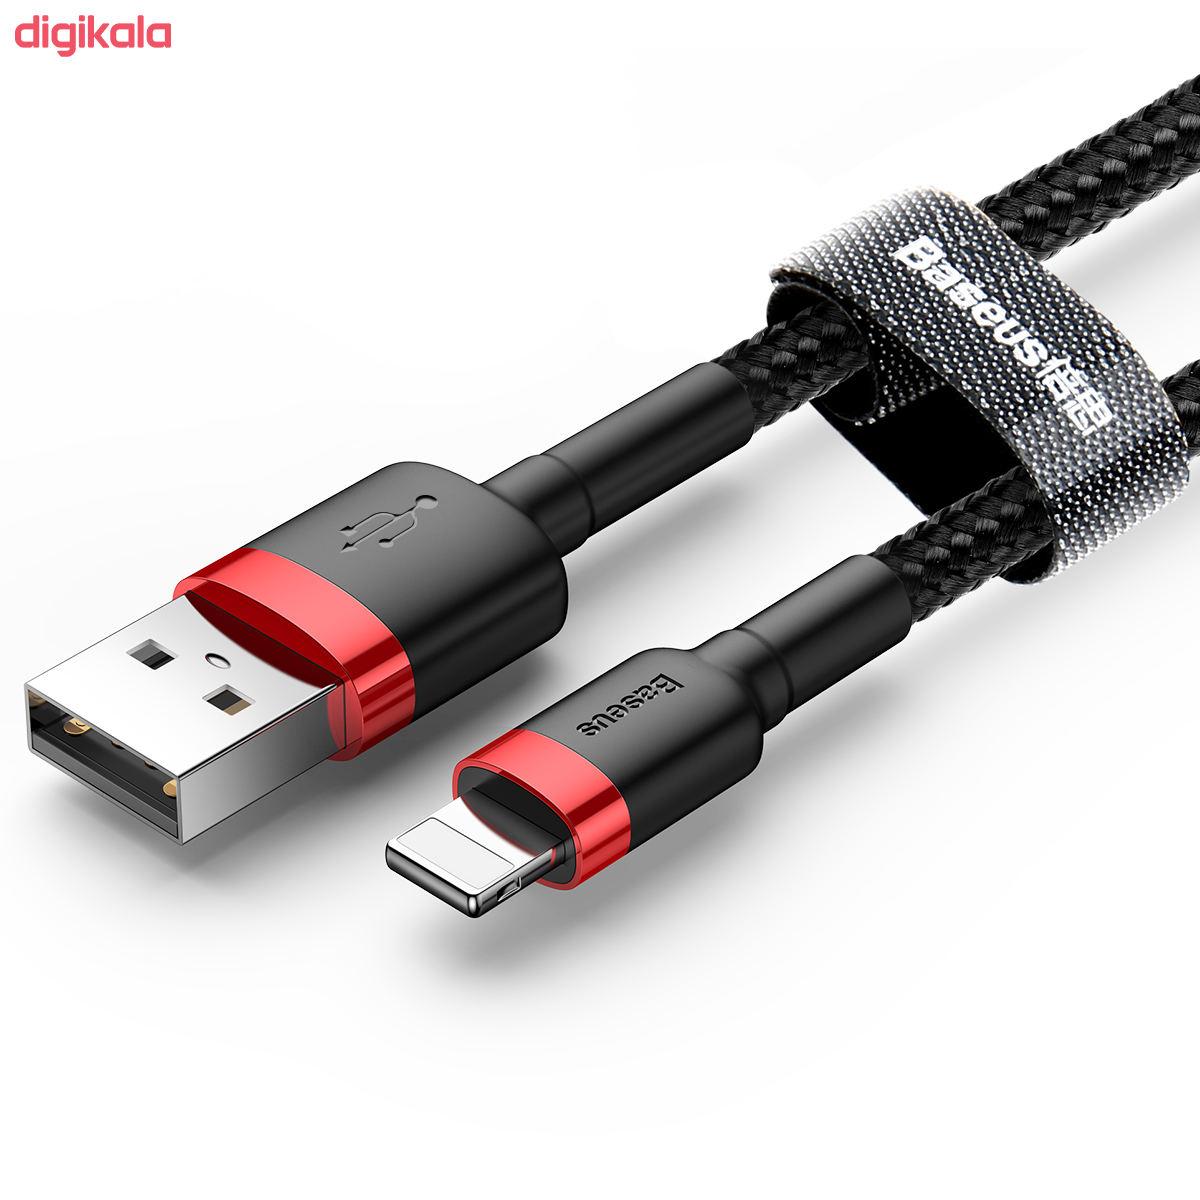 کابل تبدیل USB به لایتنینگ باسئوس مدل CALKLF-C19 Cafule طول 2 متر main 1 17